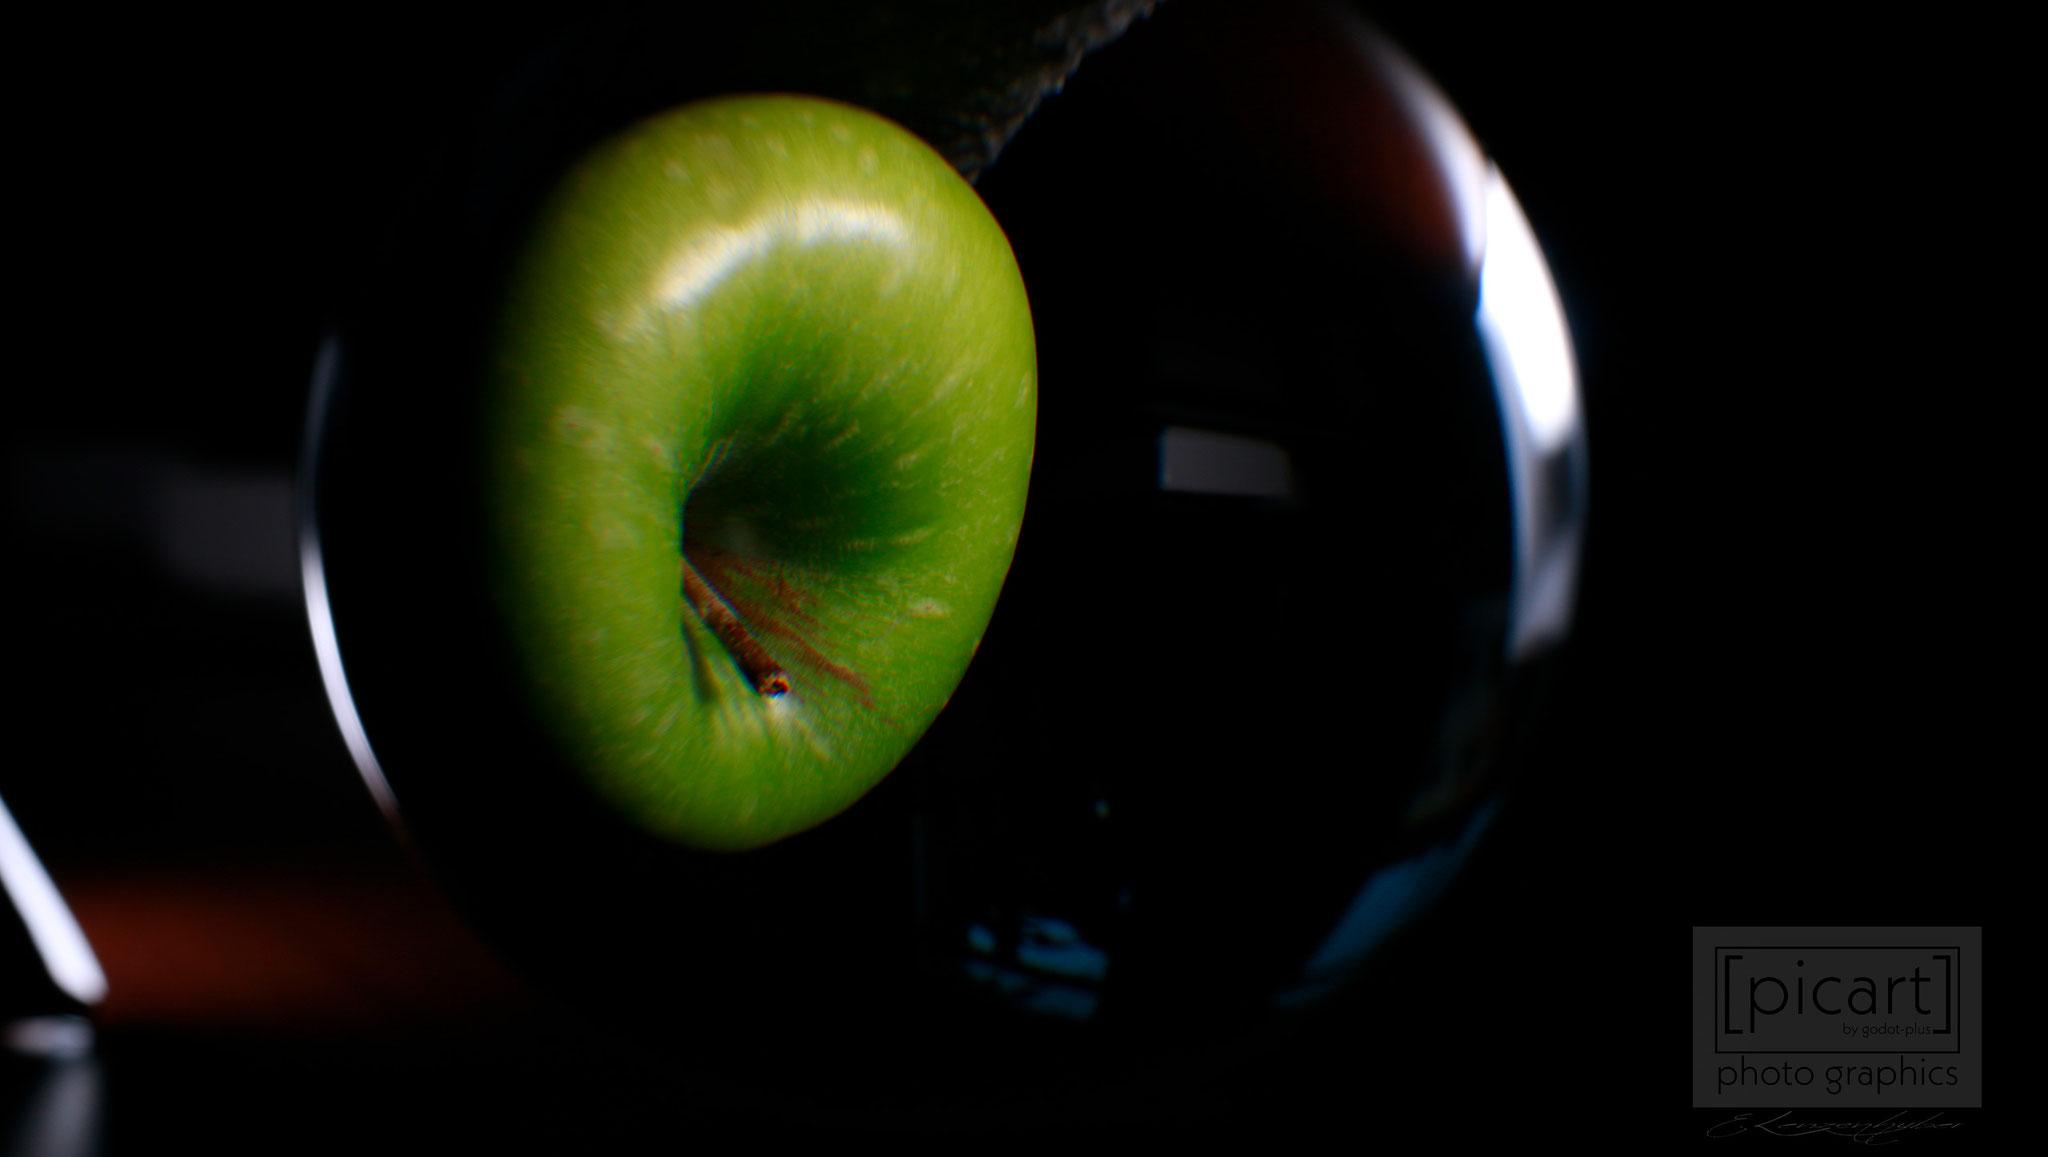 Bestellnummer: LK002  |  Experimentelle Low Key-Fotografie – grüner Apfel in Glaskugel © [:picart]by godot-plus, Eva Lenzenhuber